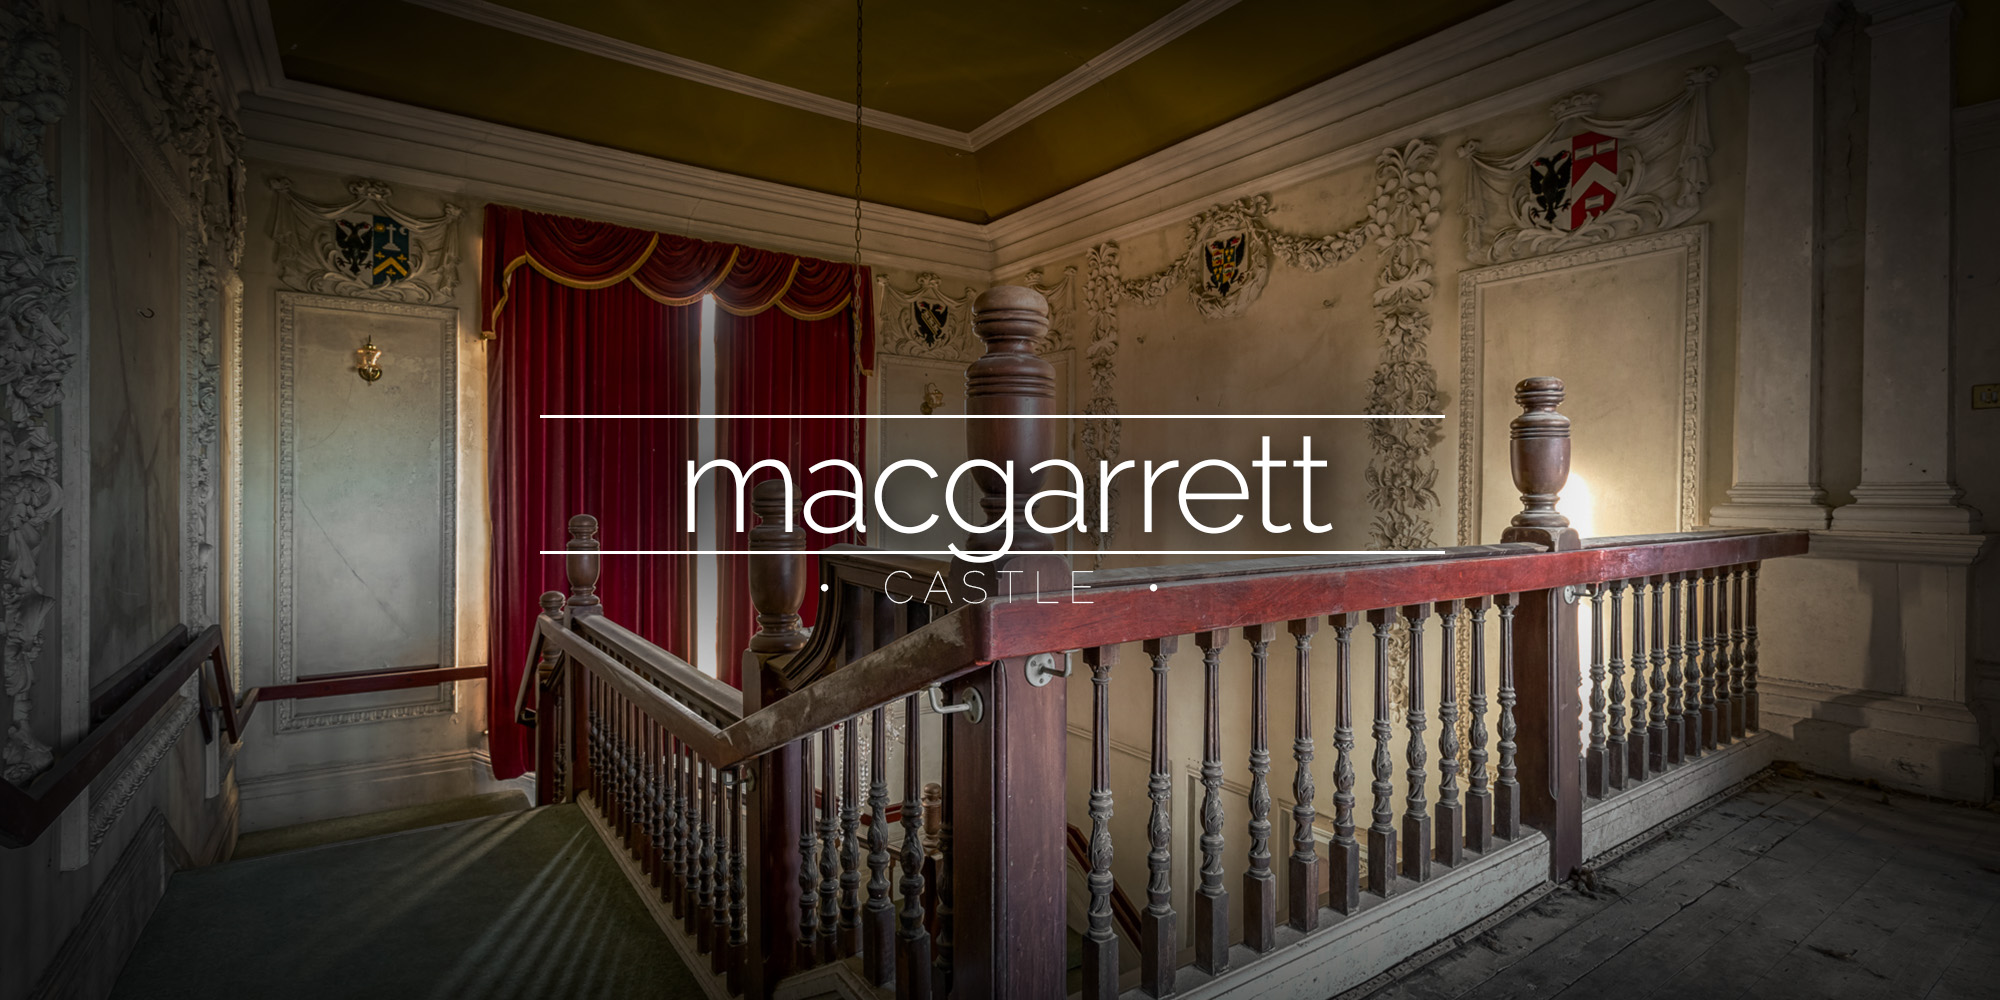 Castle MacGarrett, Claremorris, Ireland